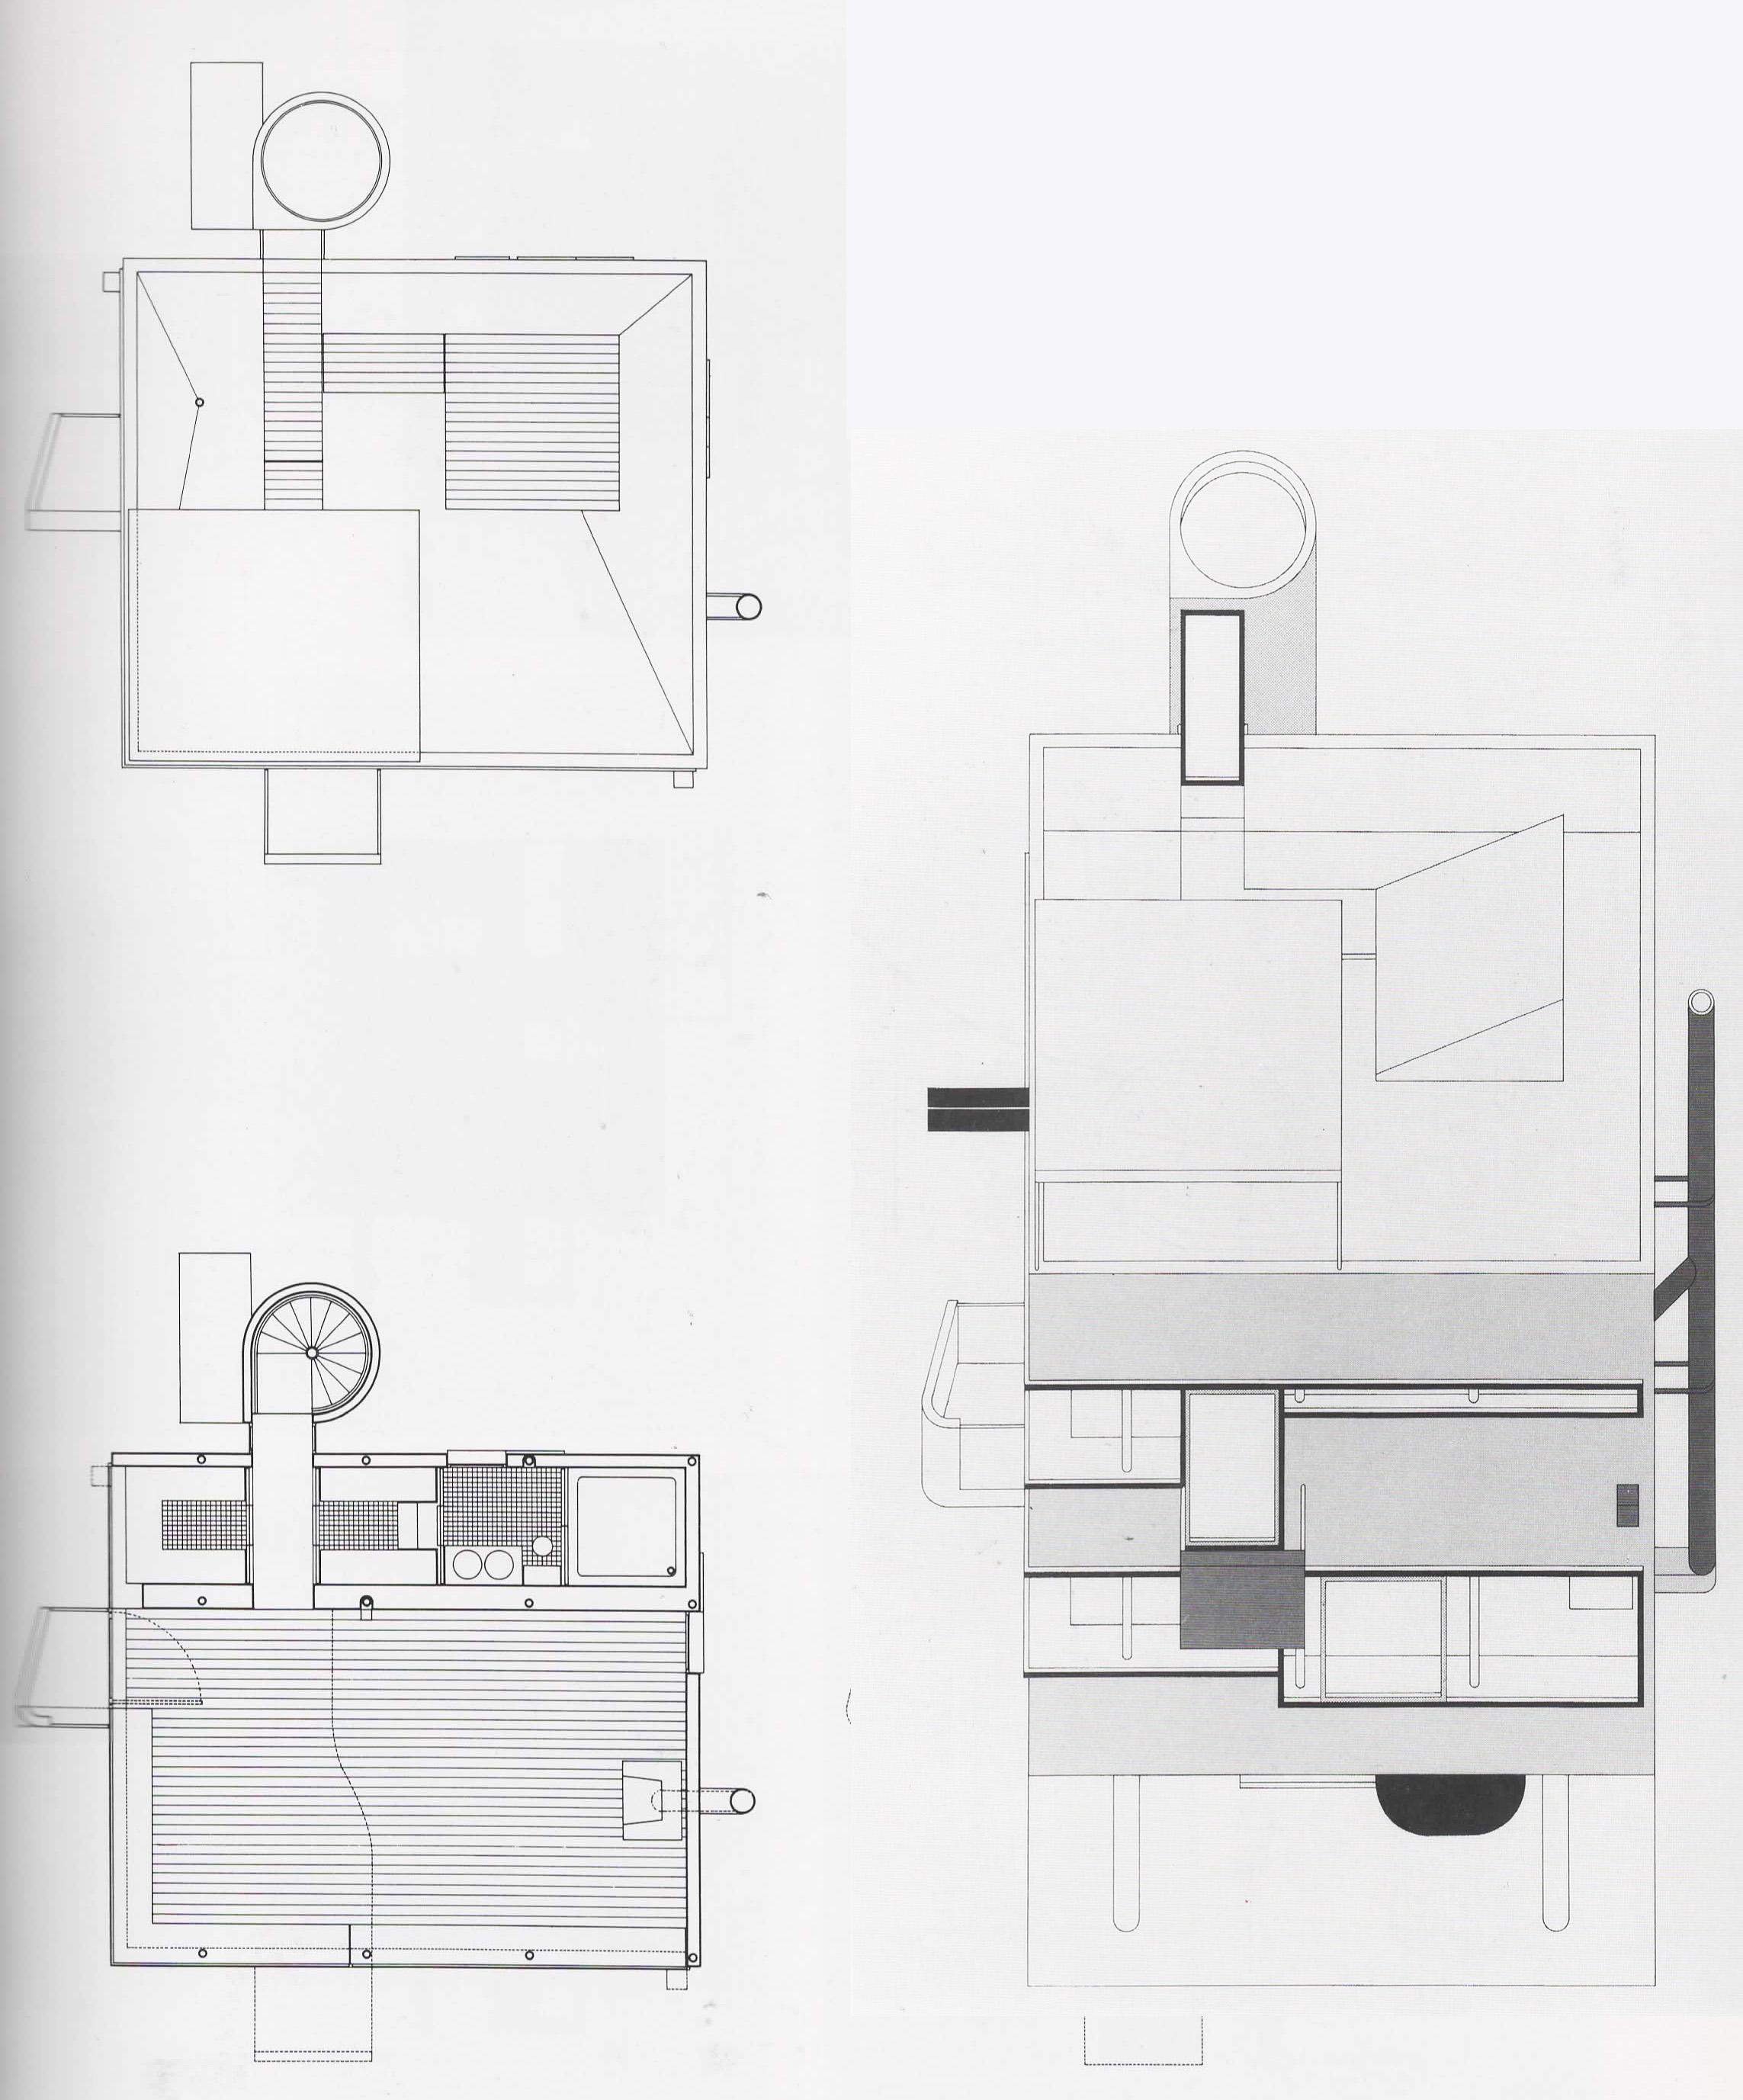 House by John Hejduk.